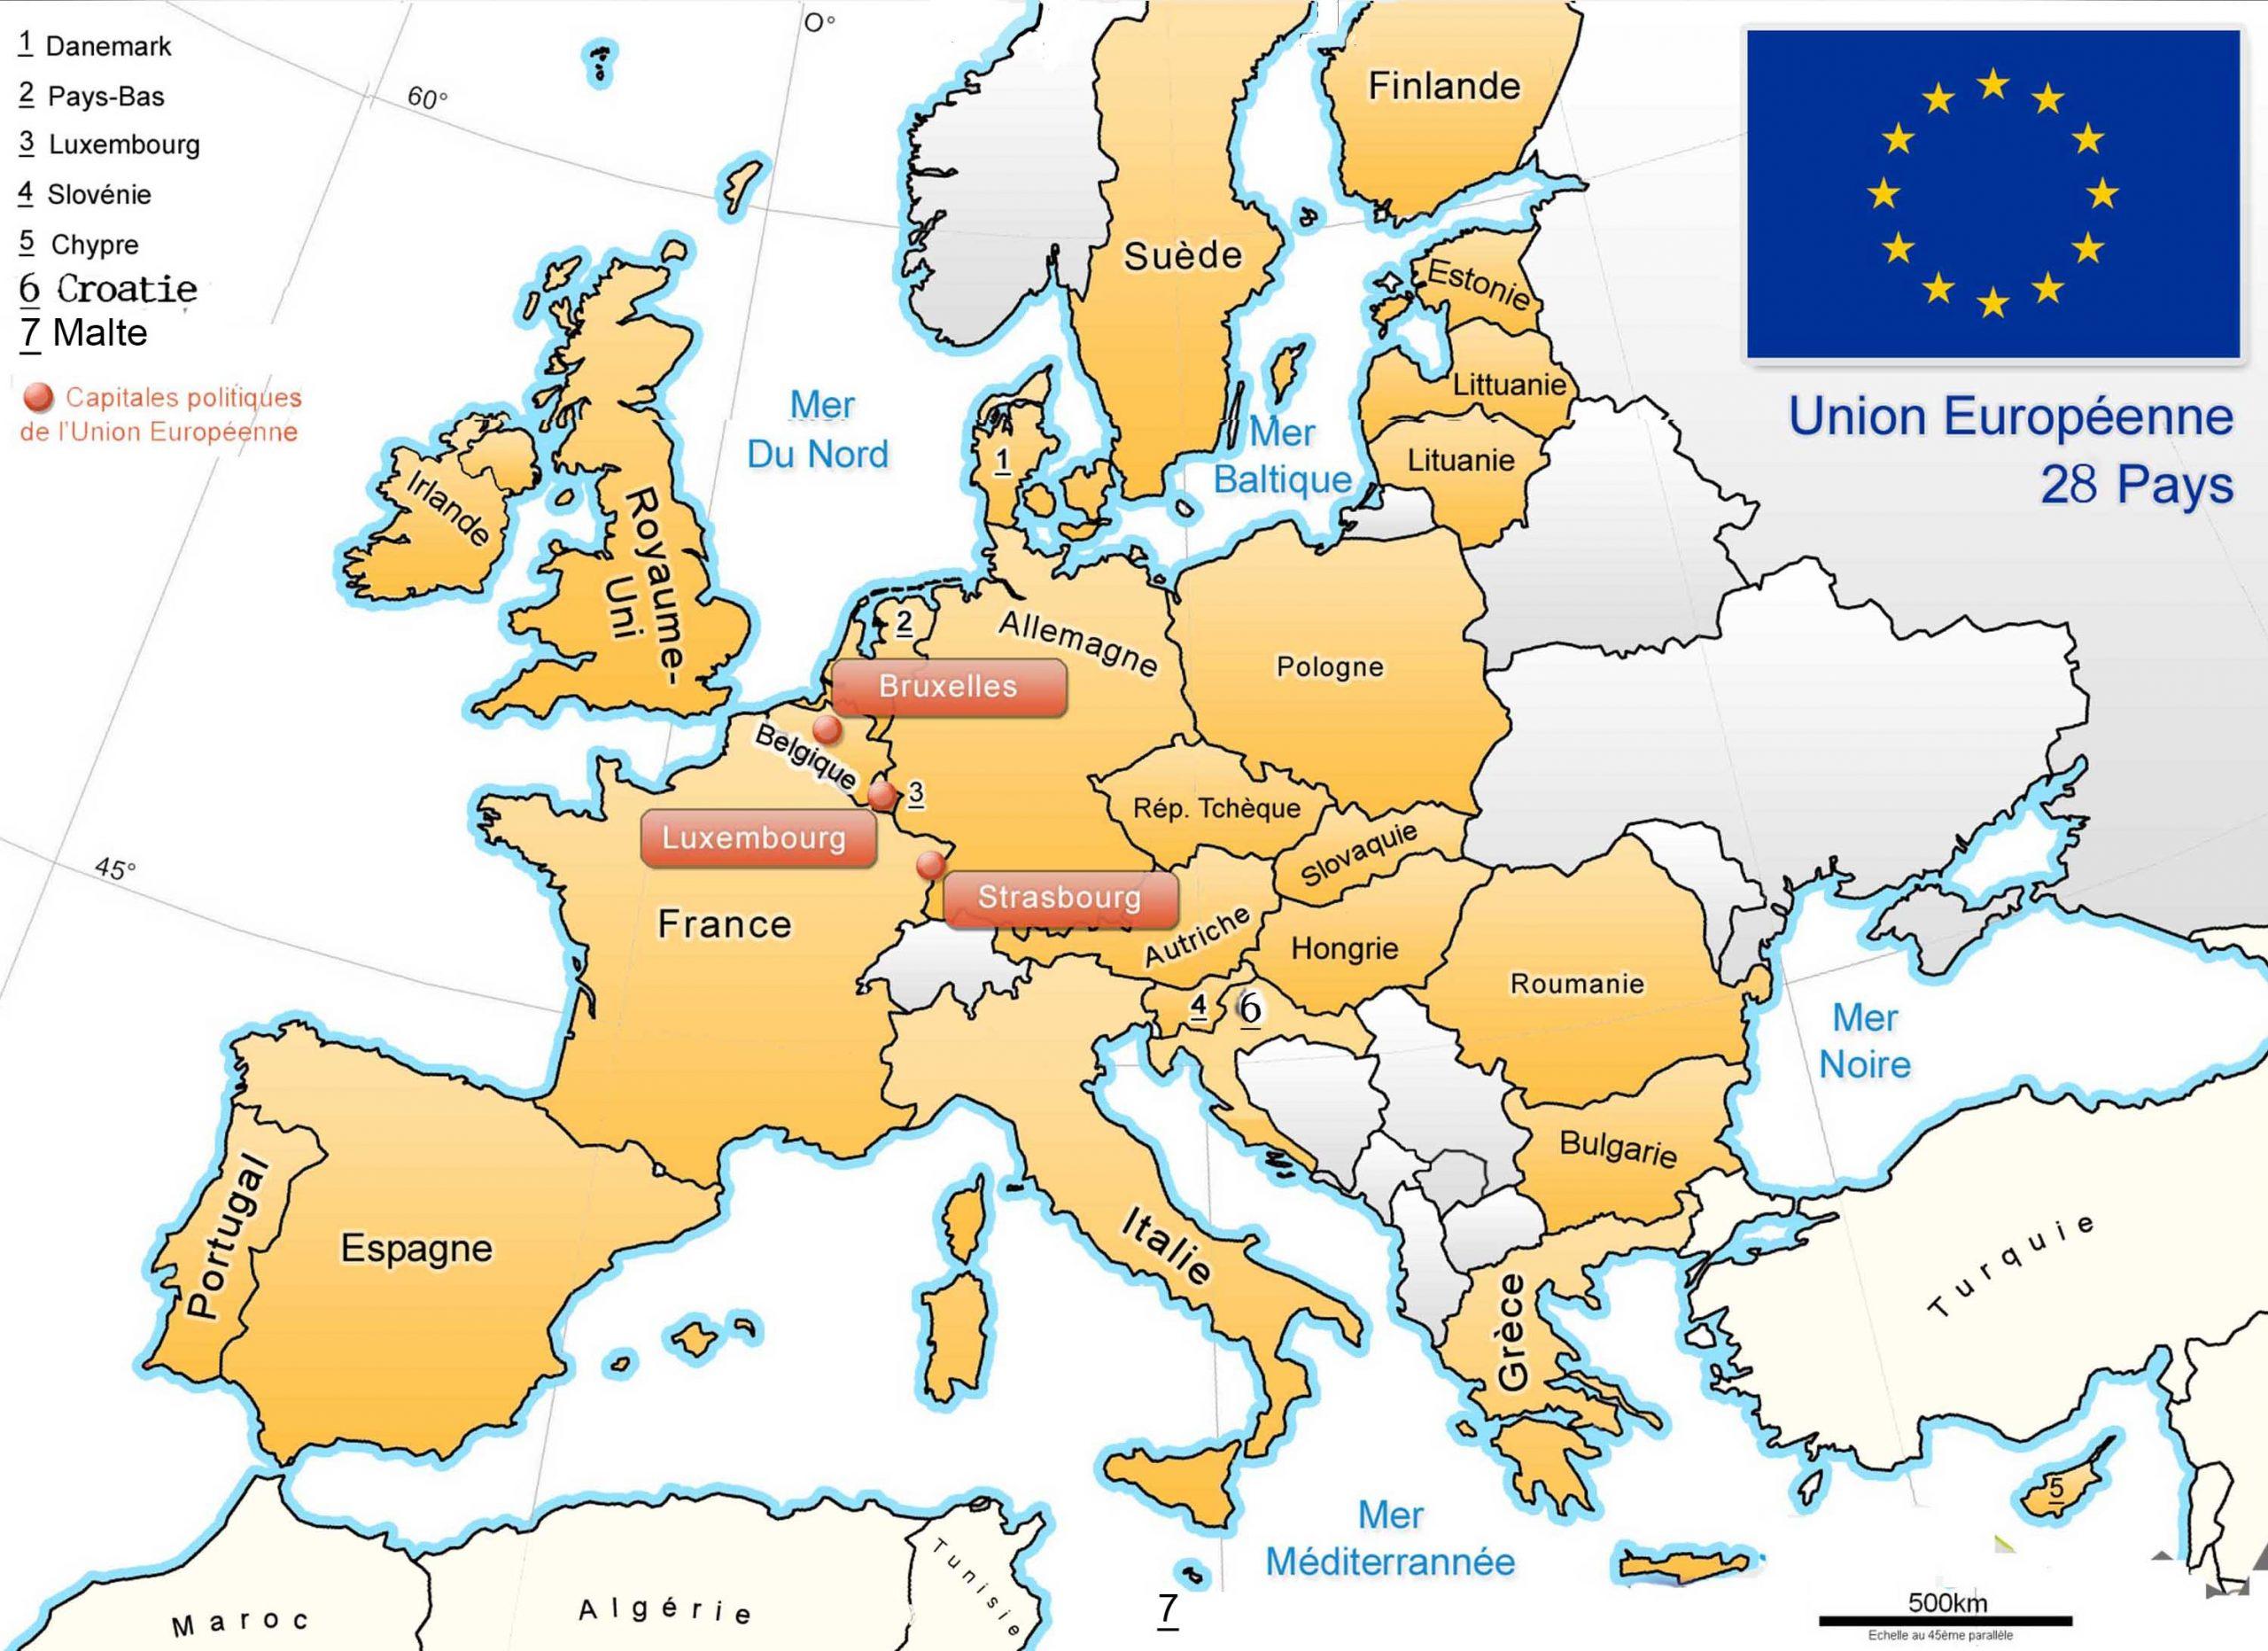 Apprendre À Placer Les Pays De L' Union Européenne - Le Blog encequiconcerne Carte De L Europe À Imprimer